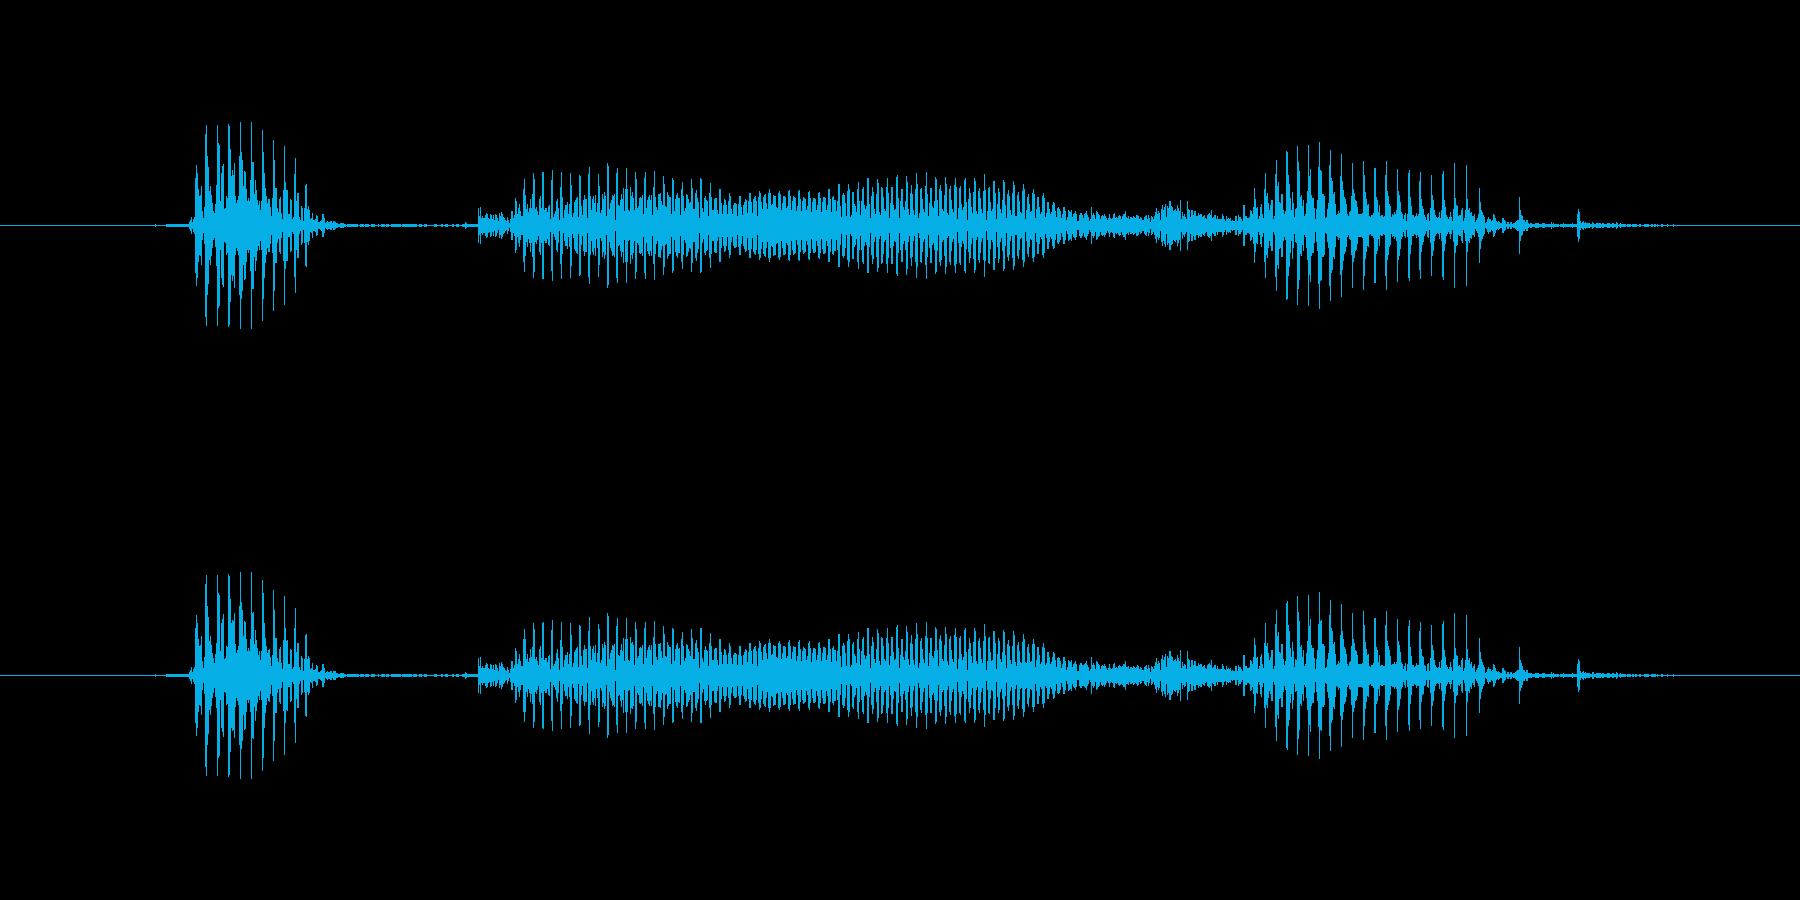 【星座】乙女座の再生済みの波形